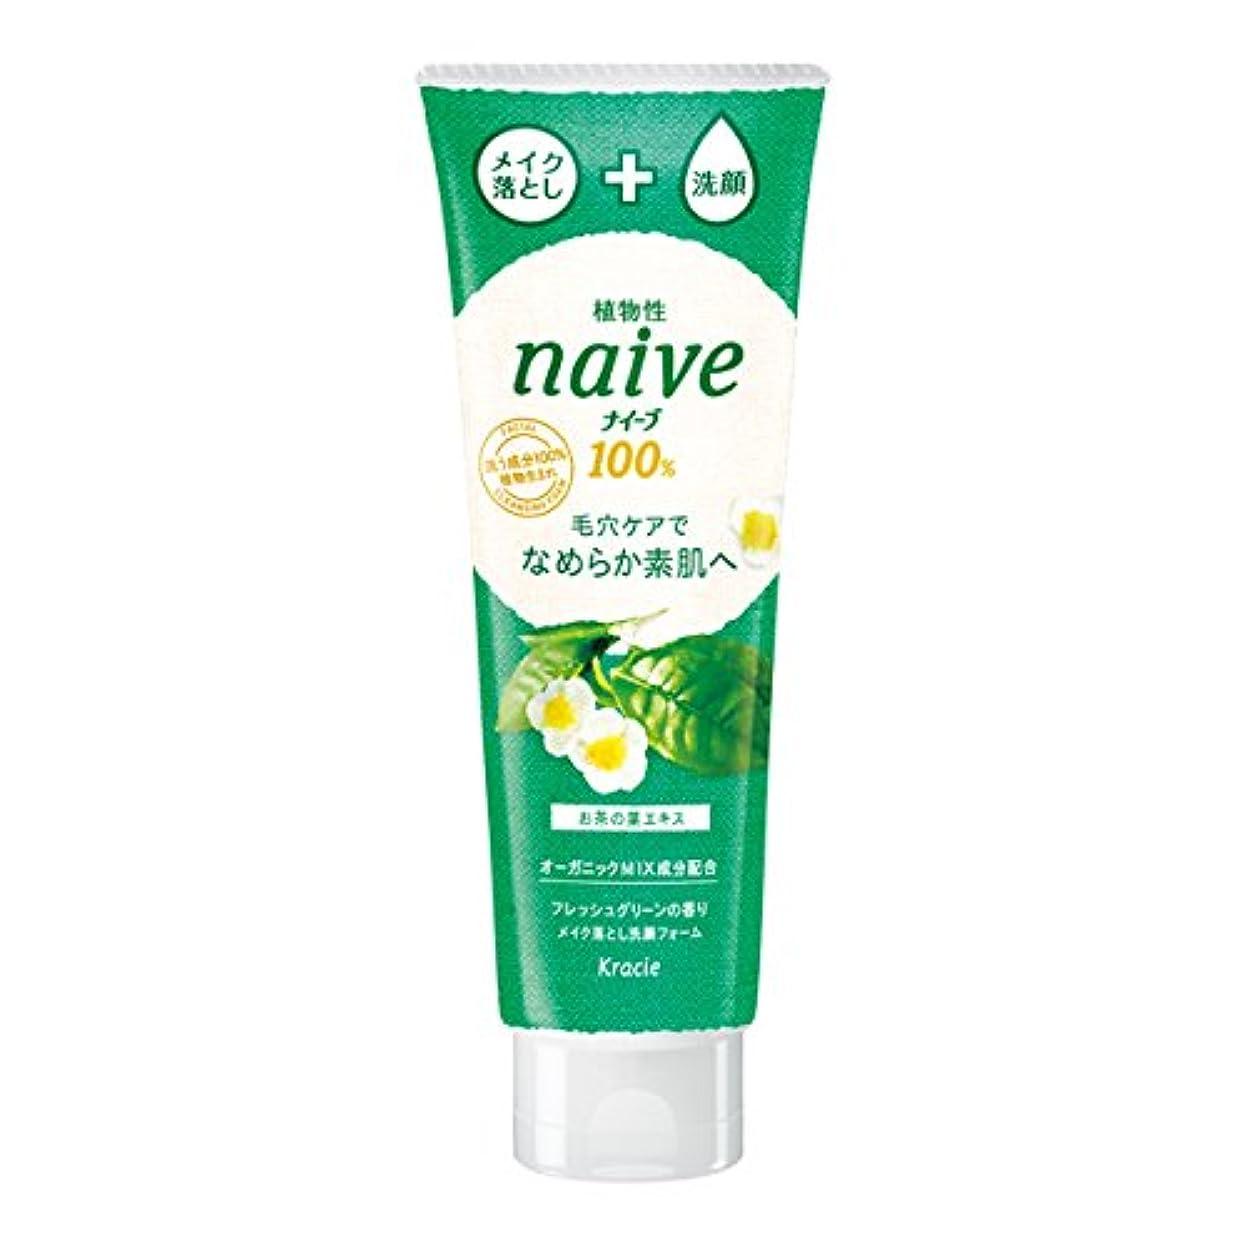 ナイーブ メイク落とし洗顔フォーム お茶の葉エキス配合 フレッシュグリーンの香り 190g